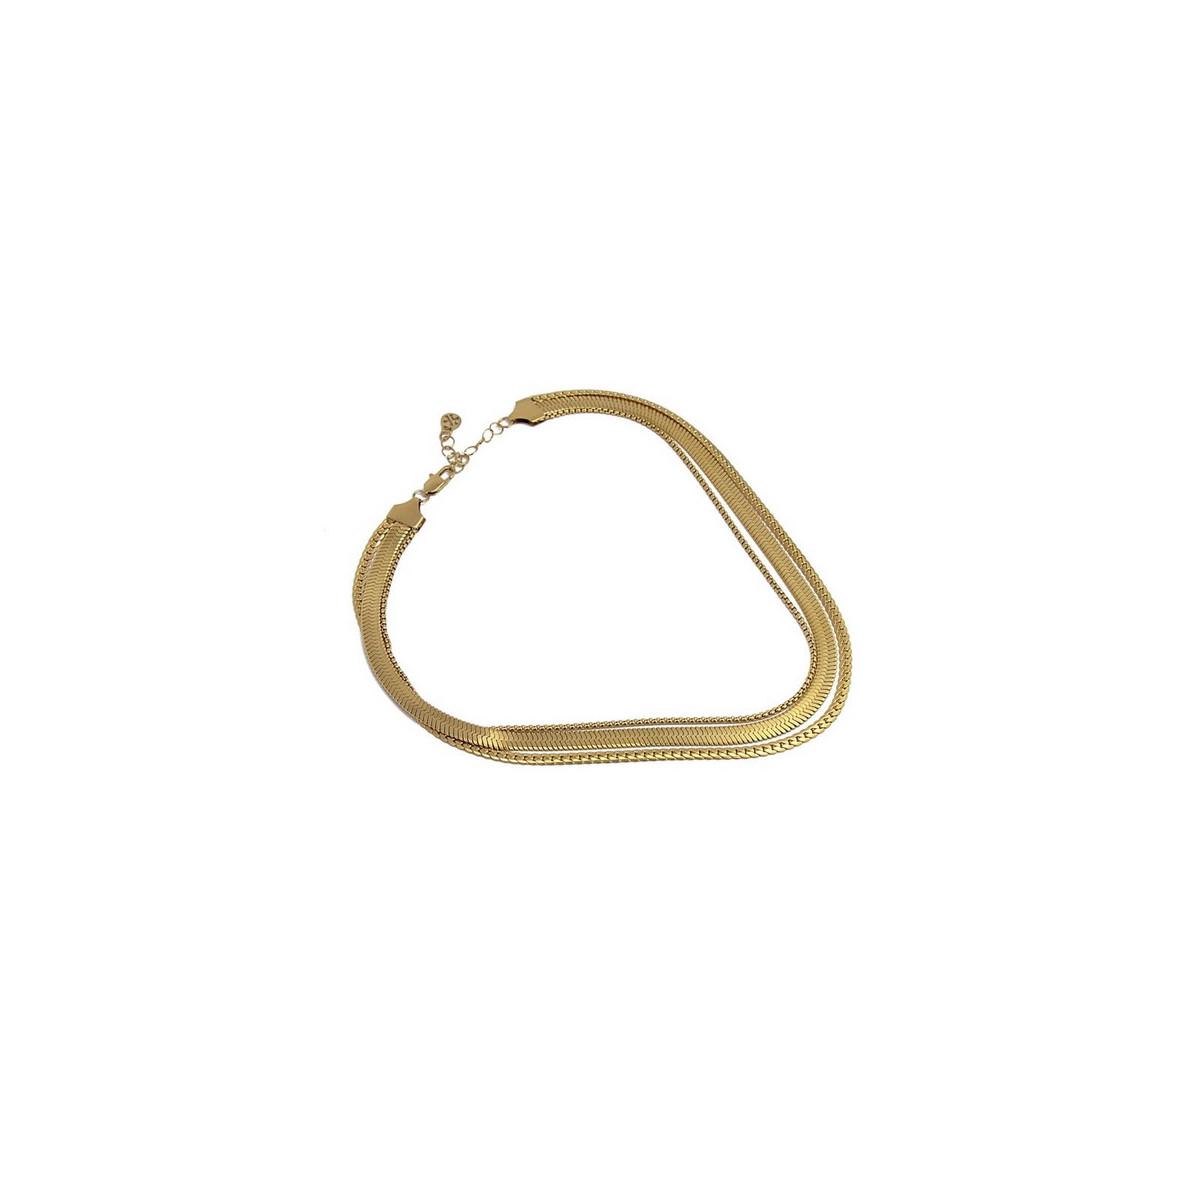 Collar Anartxy Snake Dorado BCO069D